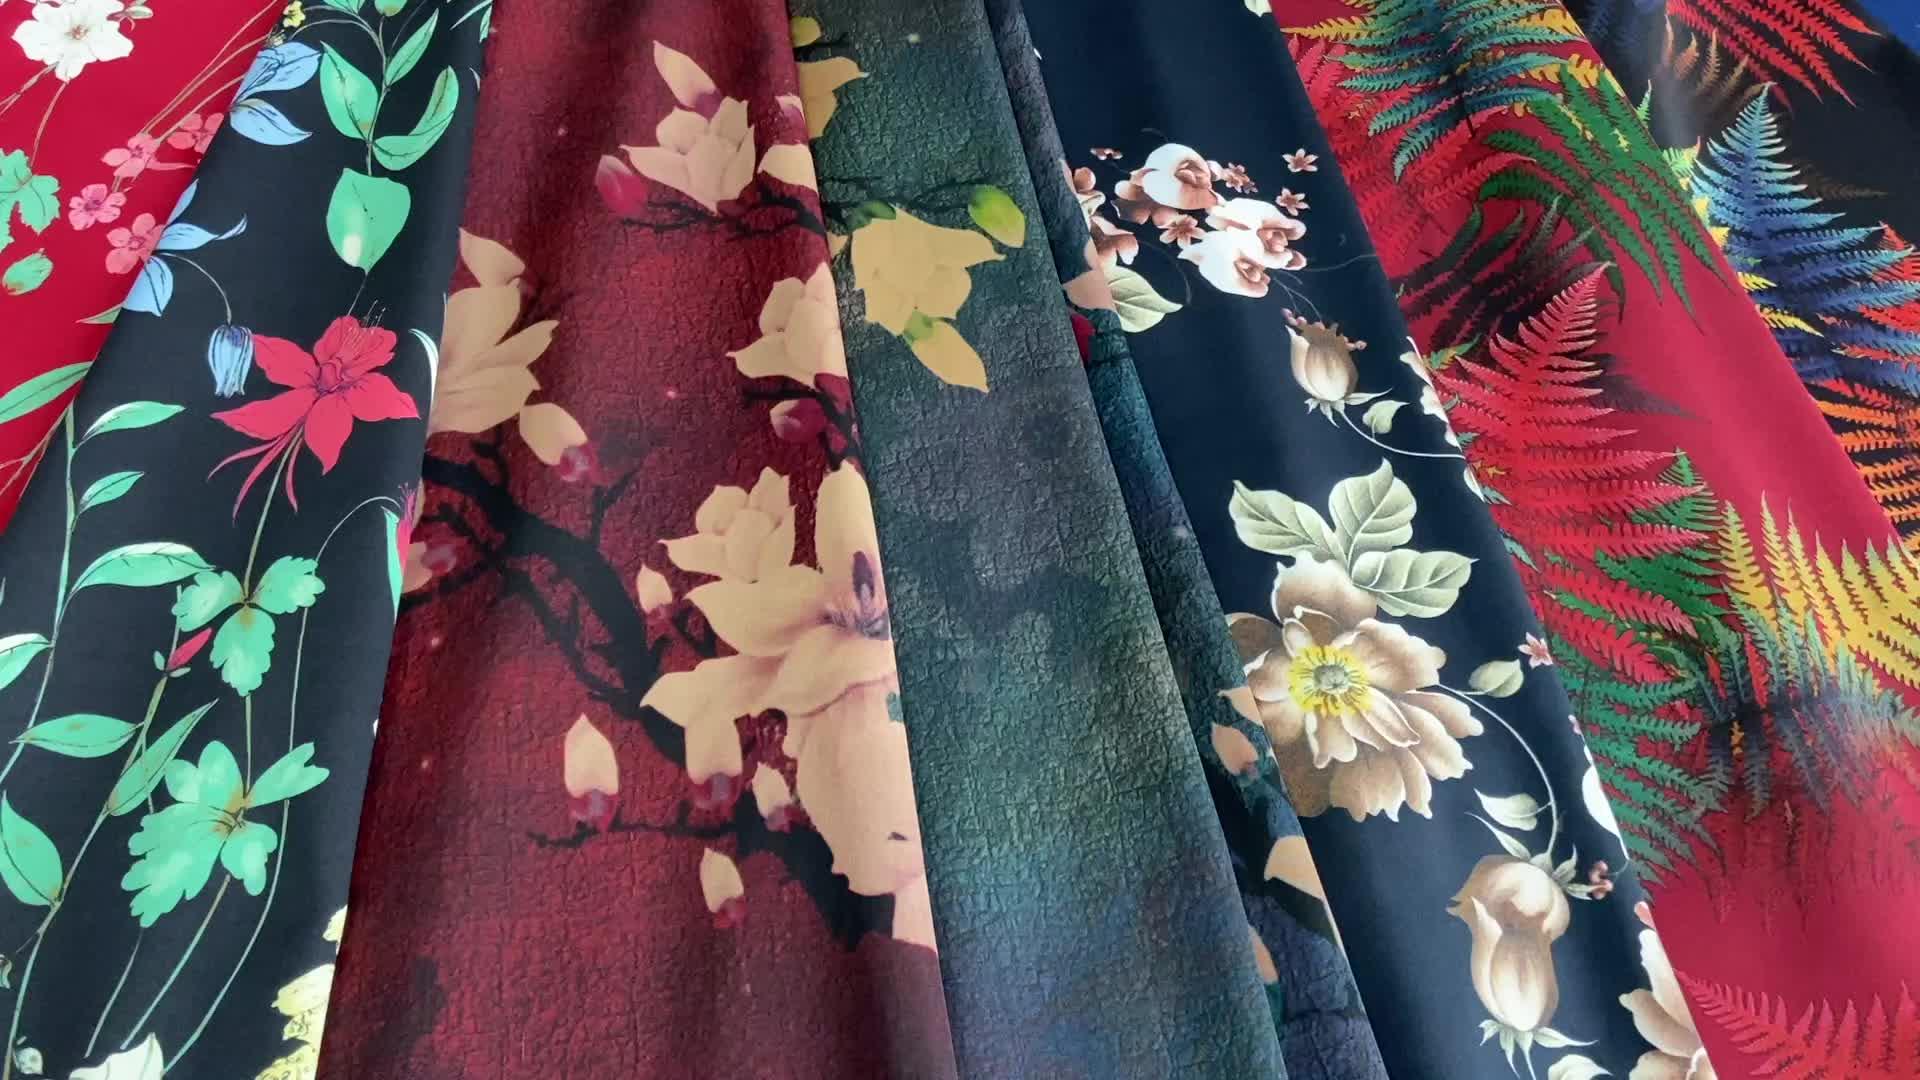 WI-E03 desain Yang Berbeda dari spandex polyester satin sutra sifon kain dengan digital printing